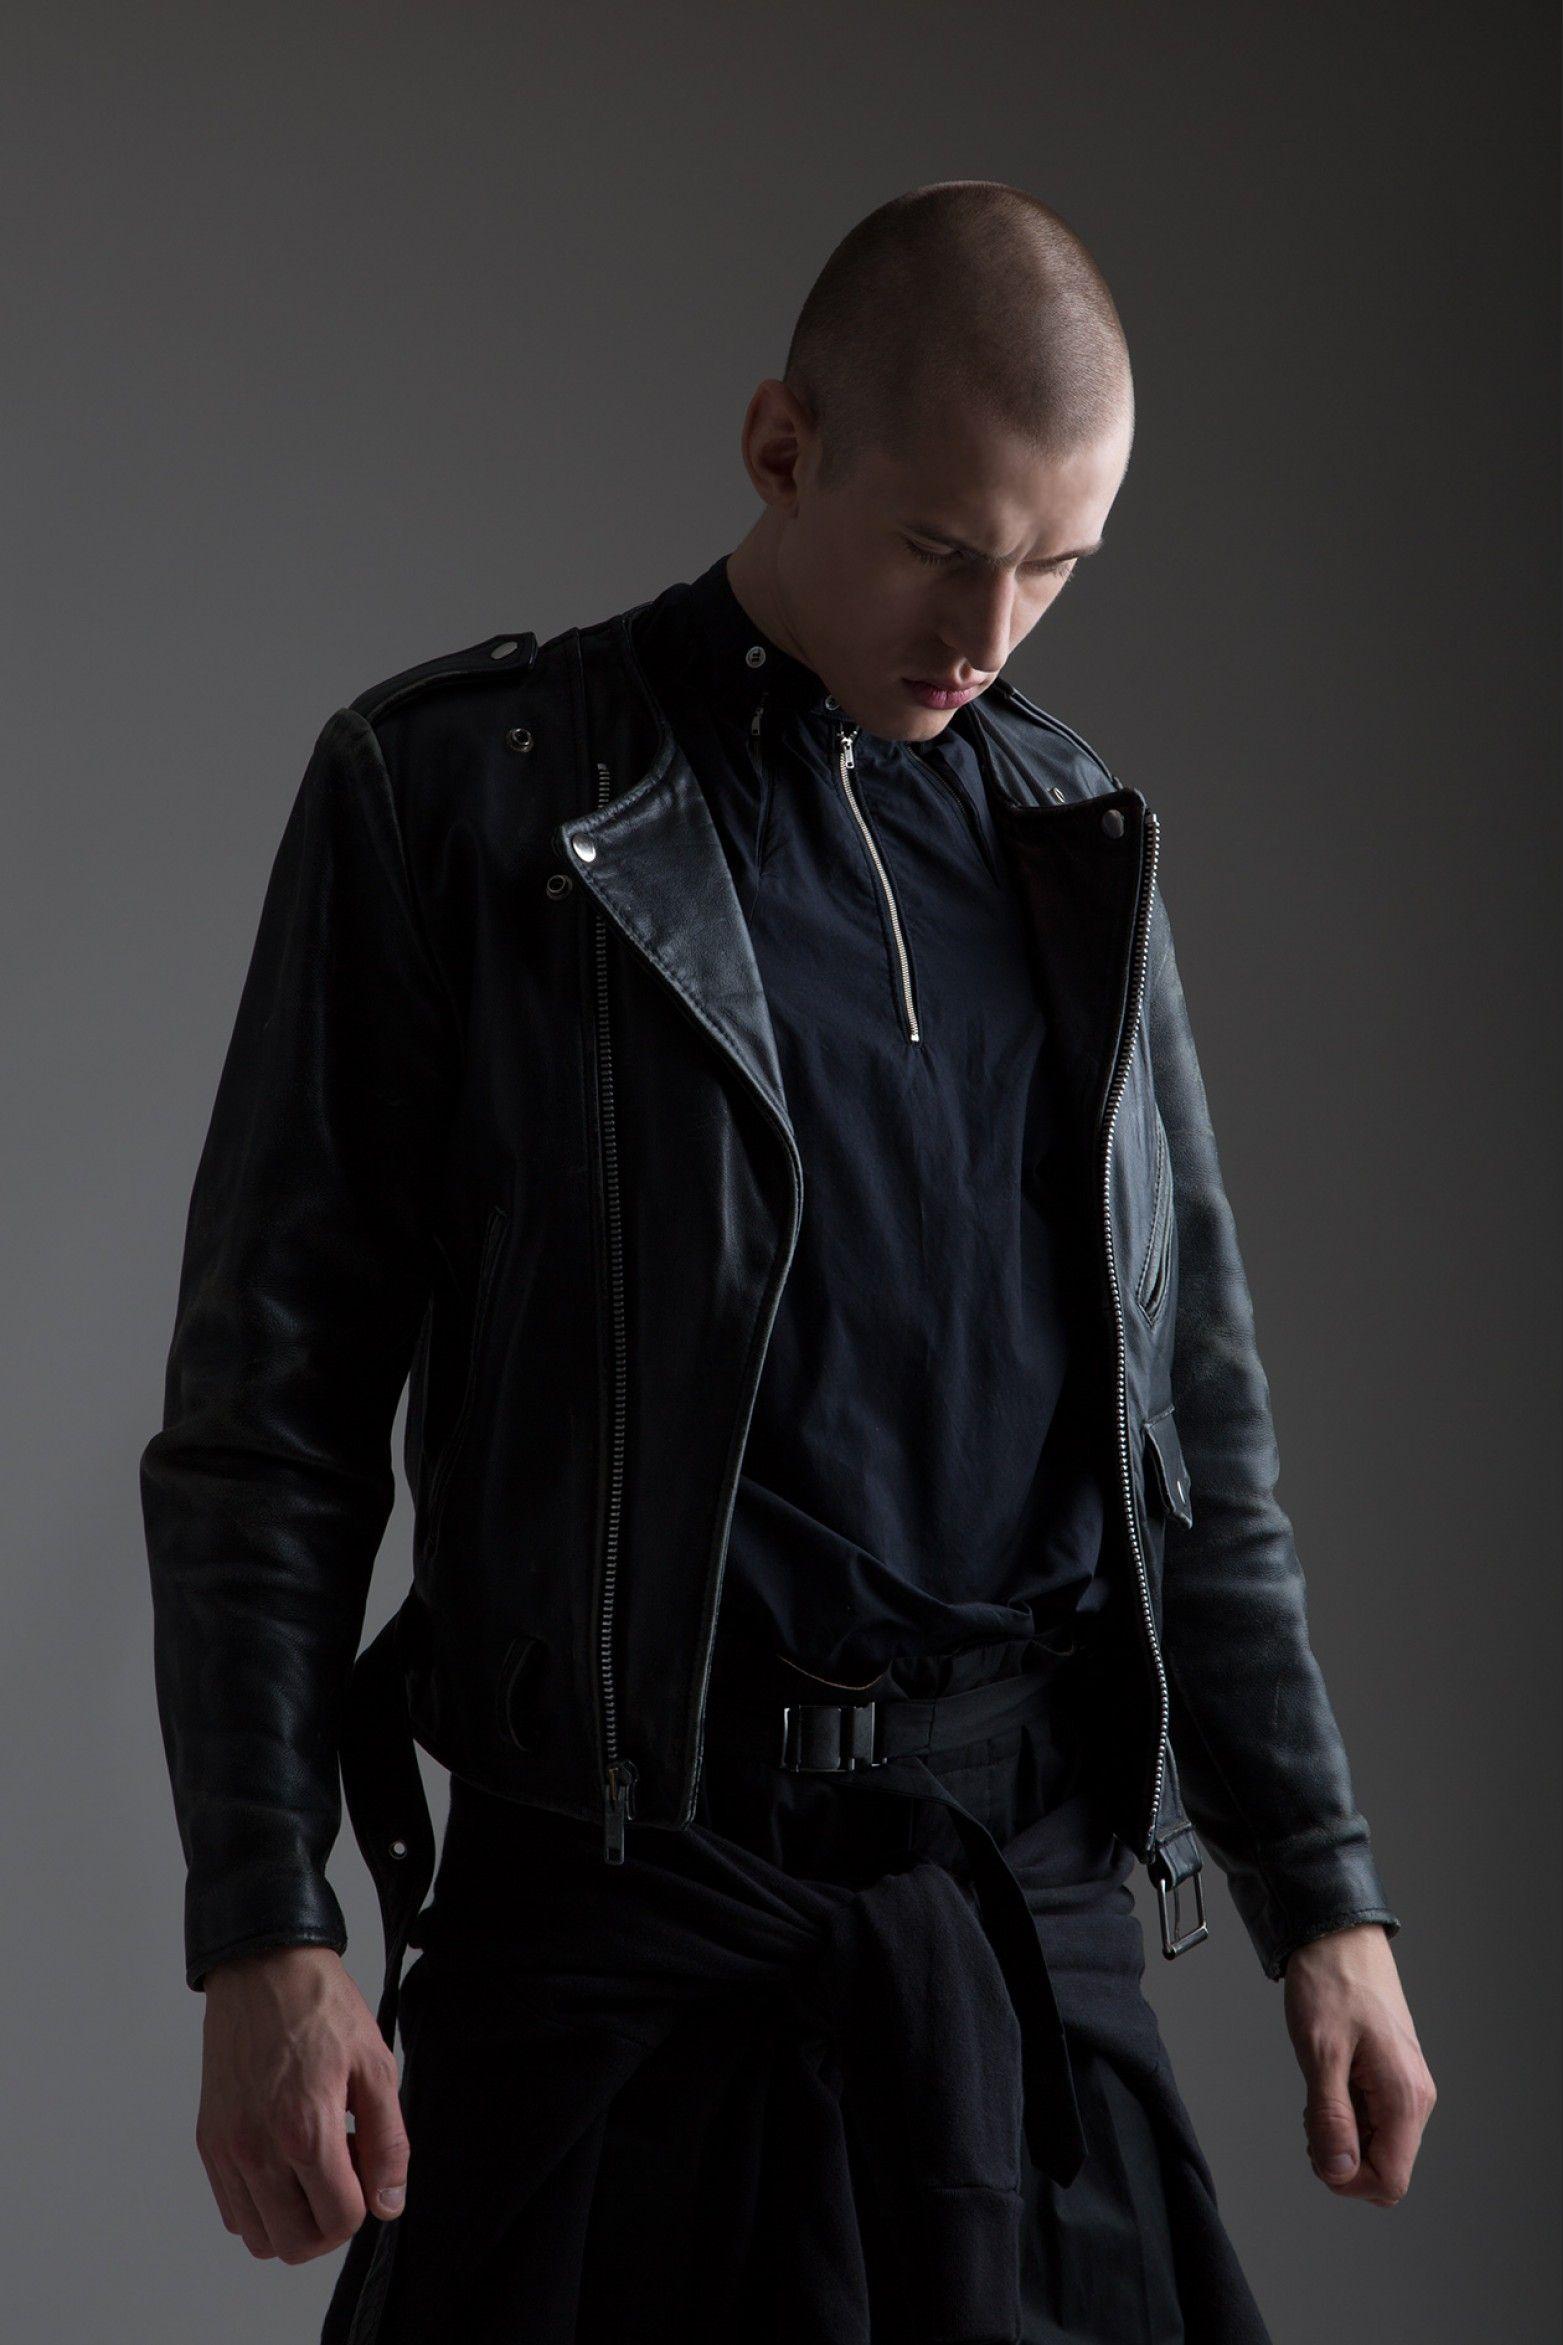 Vintage Leather Motorcycle Jacket, Yohji Yamamoto Punk